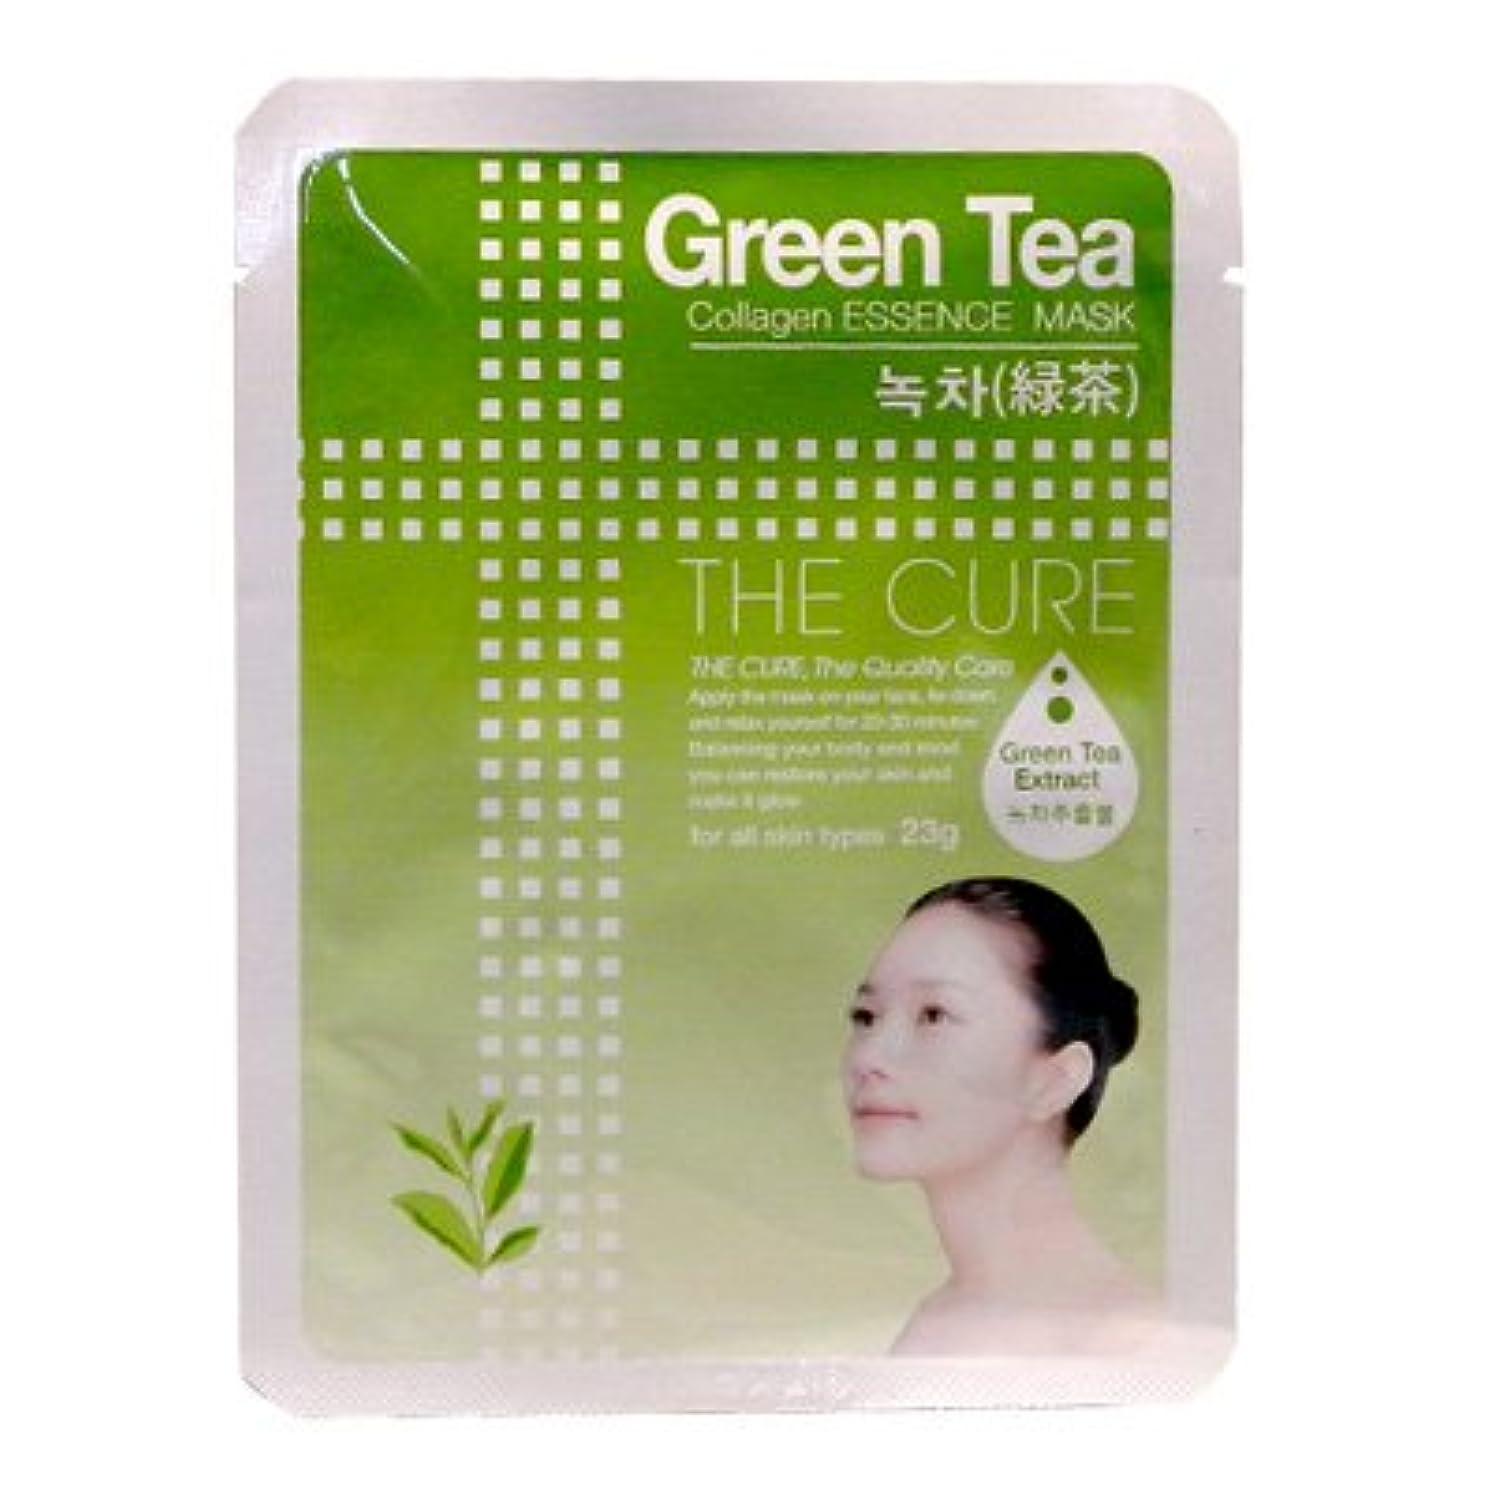 モールホステル読者CURE マスク シートパック 緑茶